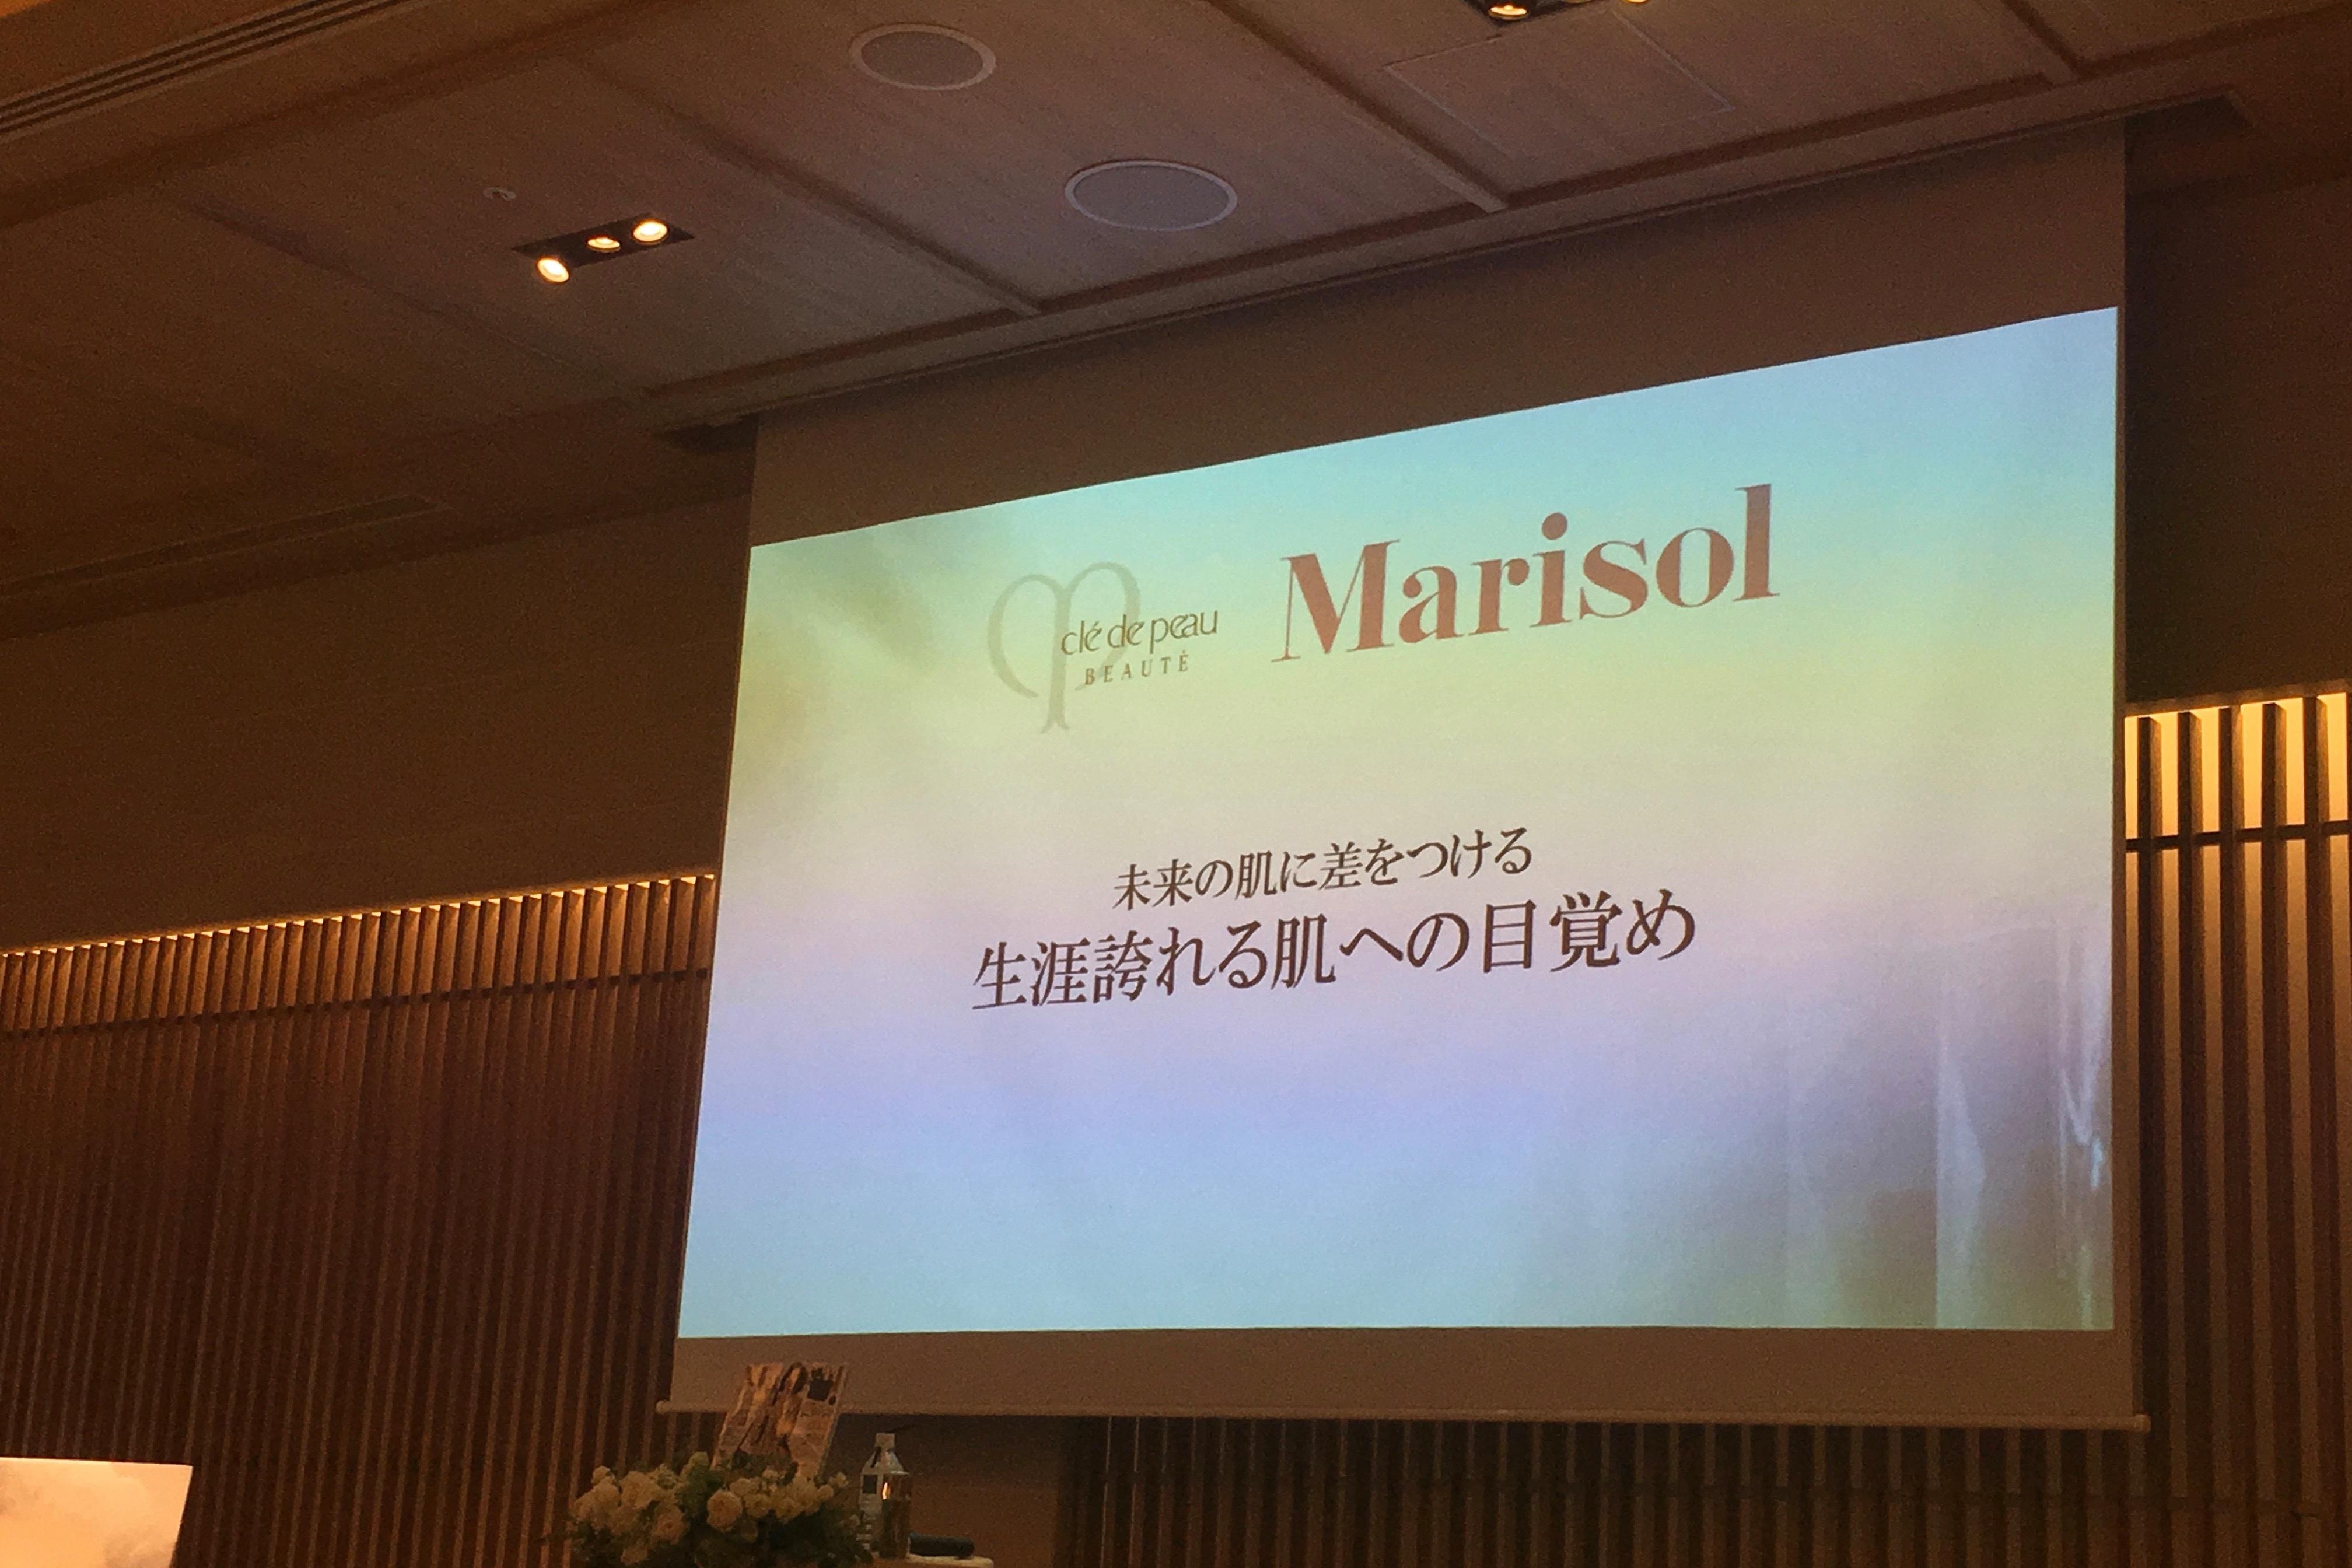 クレ・ド・ポー ボーテ × Marisol のイベントへ_1_5